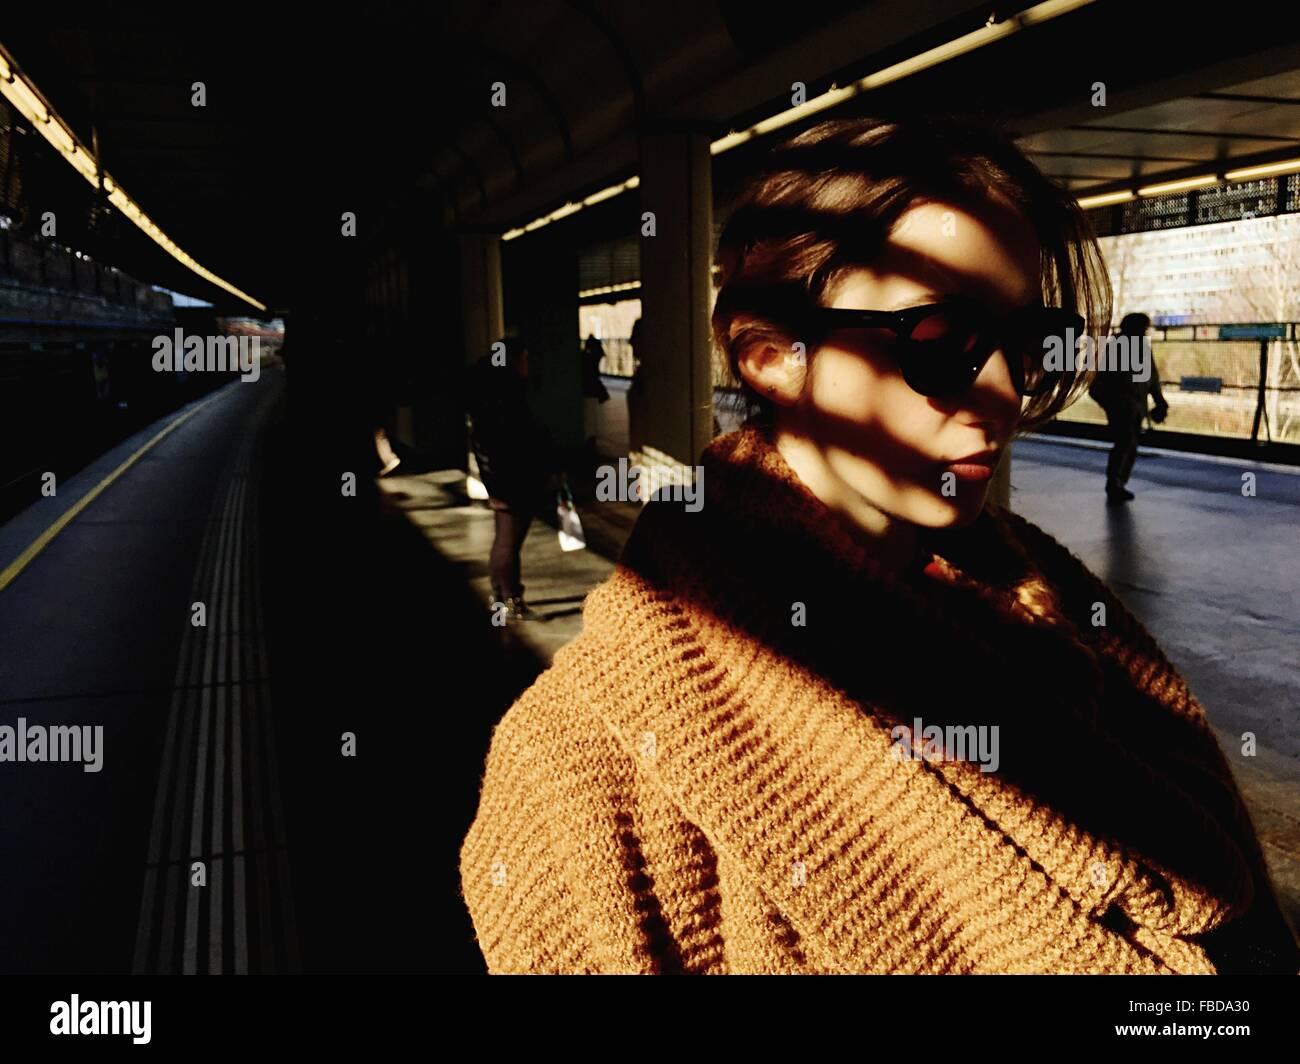 Primer plano de la mujer en gafas de sol de pie sobre la plataforma de la estación de ferrocarril Imagen De Stock